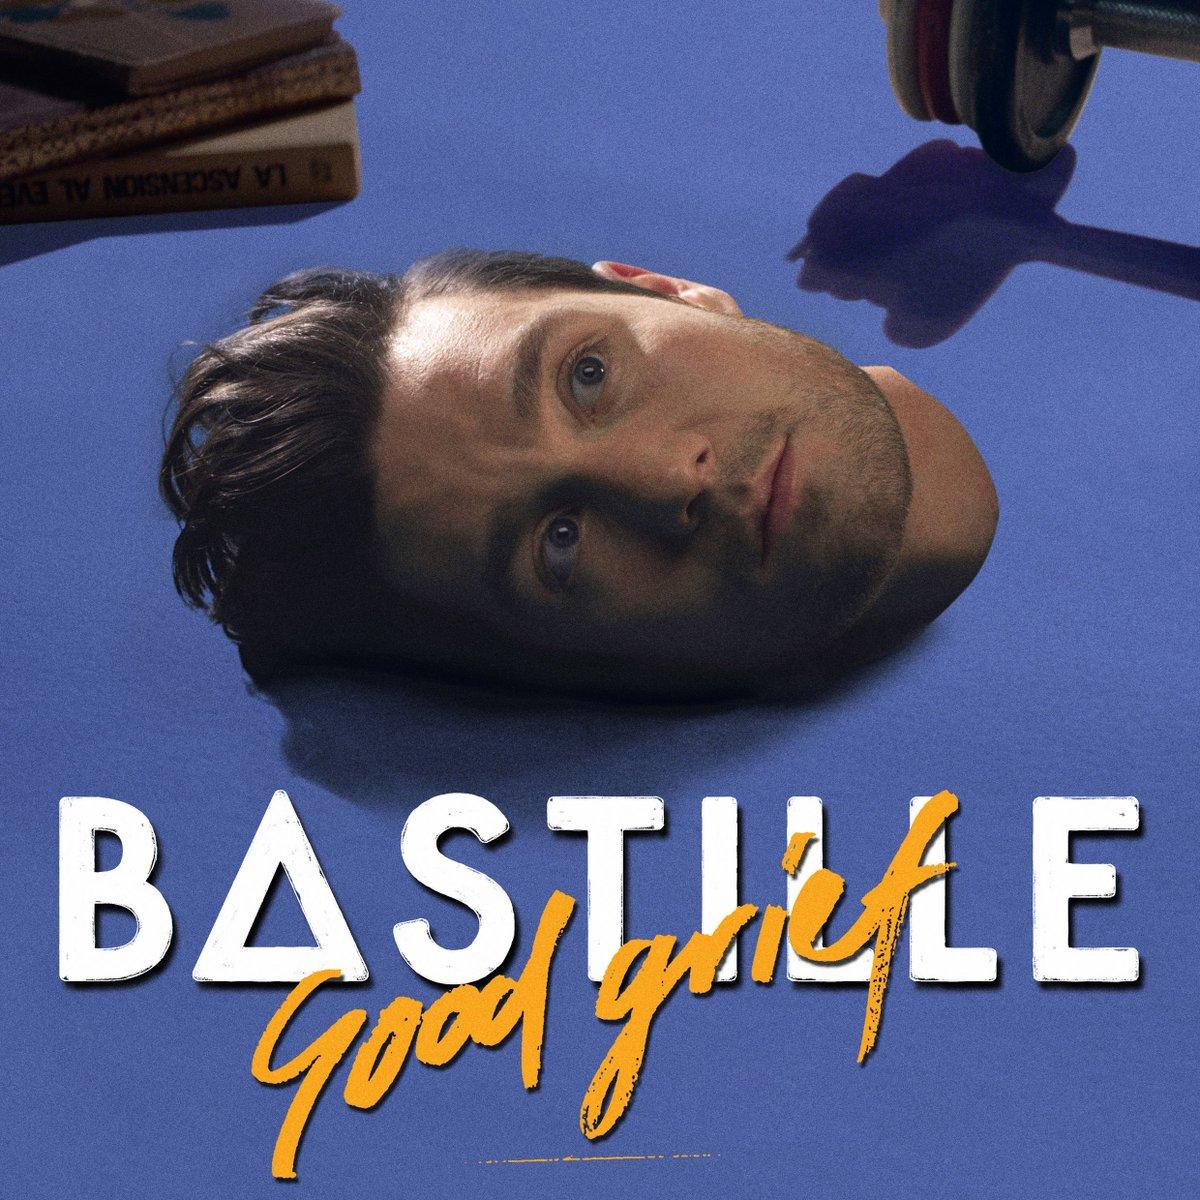 Novo single do Bastille para animar sua sexta-feira! Confira na #OiFM e no link abaixo: https://t.co/MSJfuPK1bX https://t.co/LaWfEXze2p